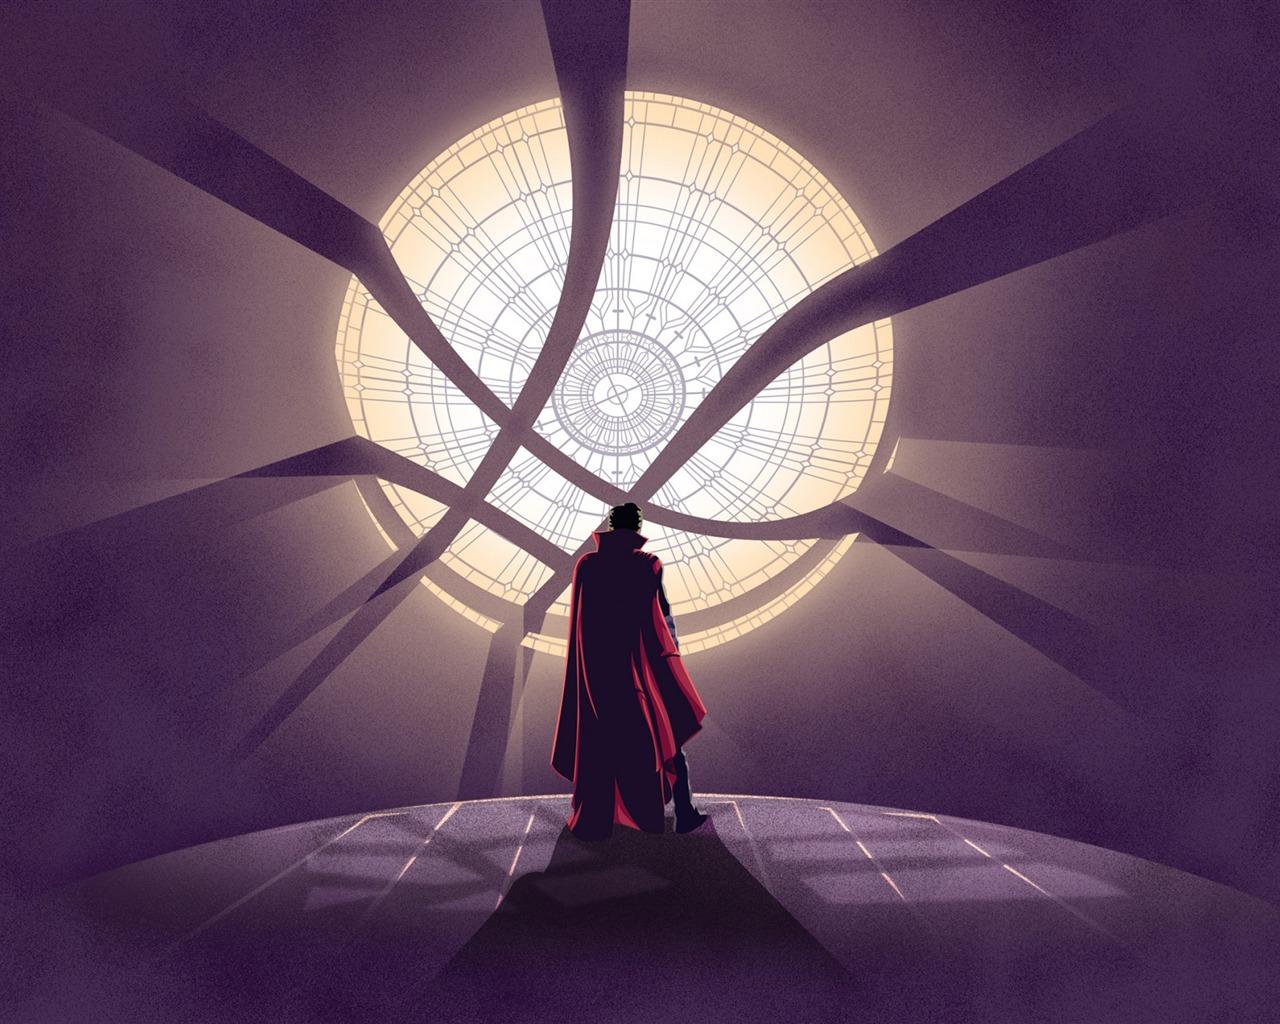 热门电视剧_奇异博士 Doctor Strange艺术品-2017电影高清壁纸预览 | 10wallpaper.com